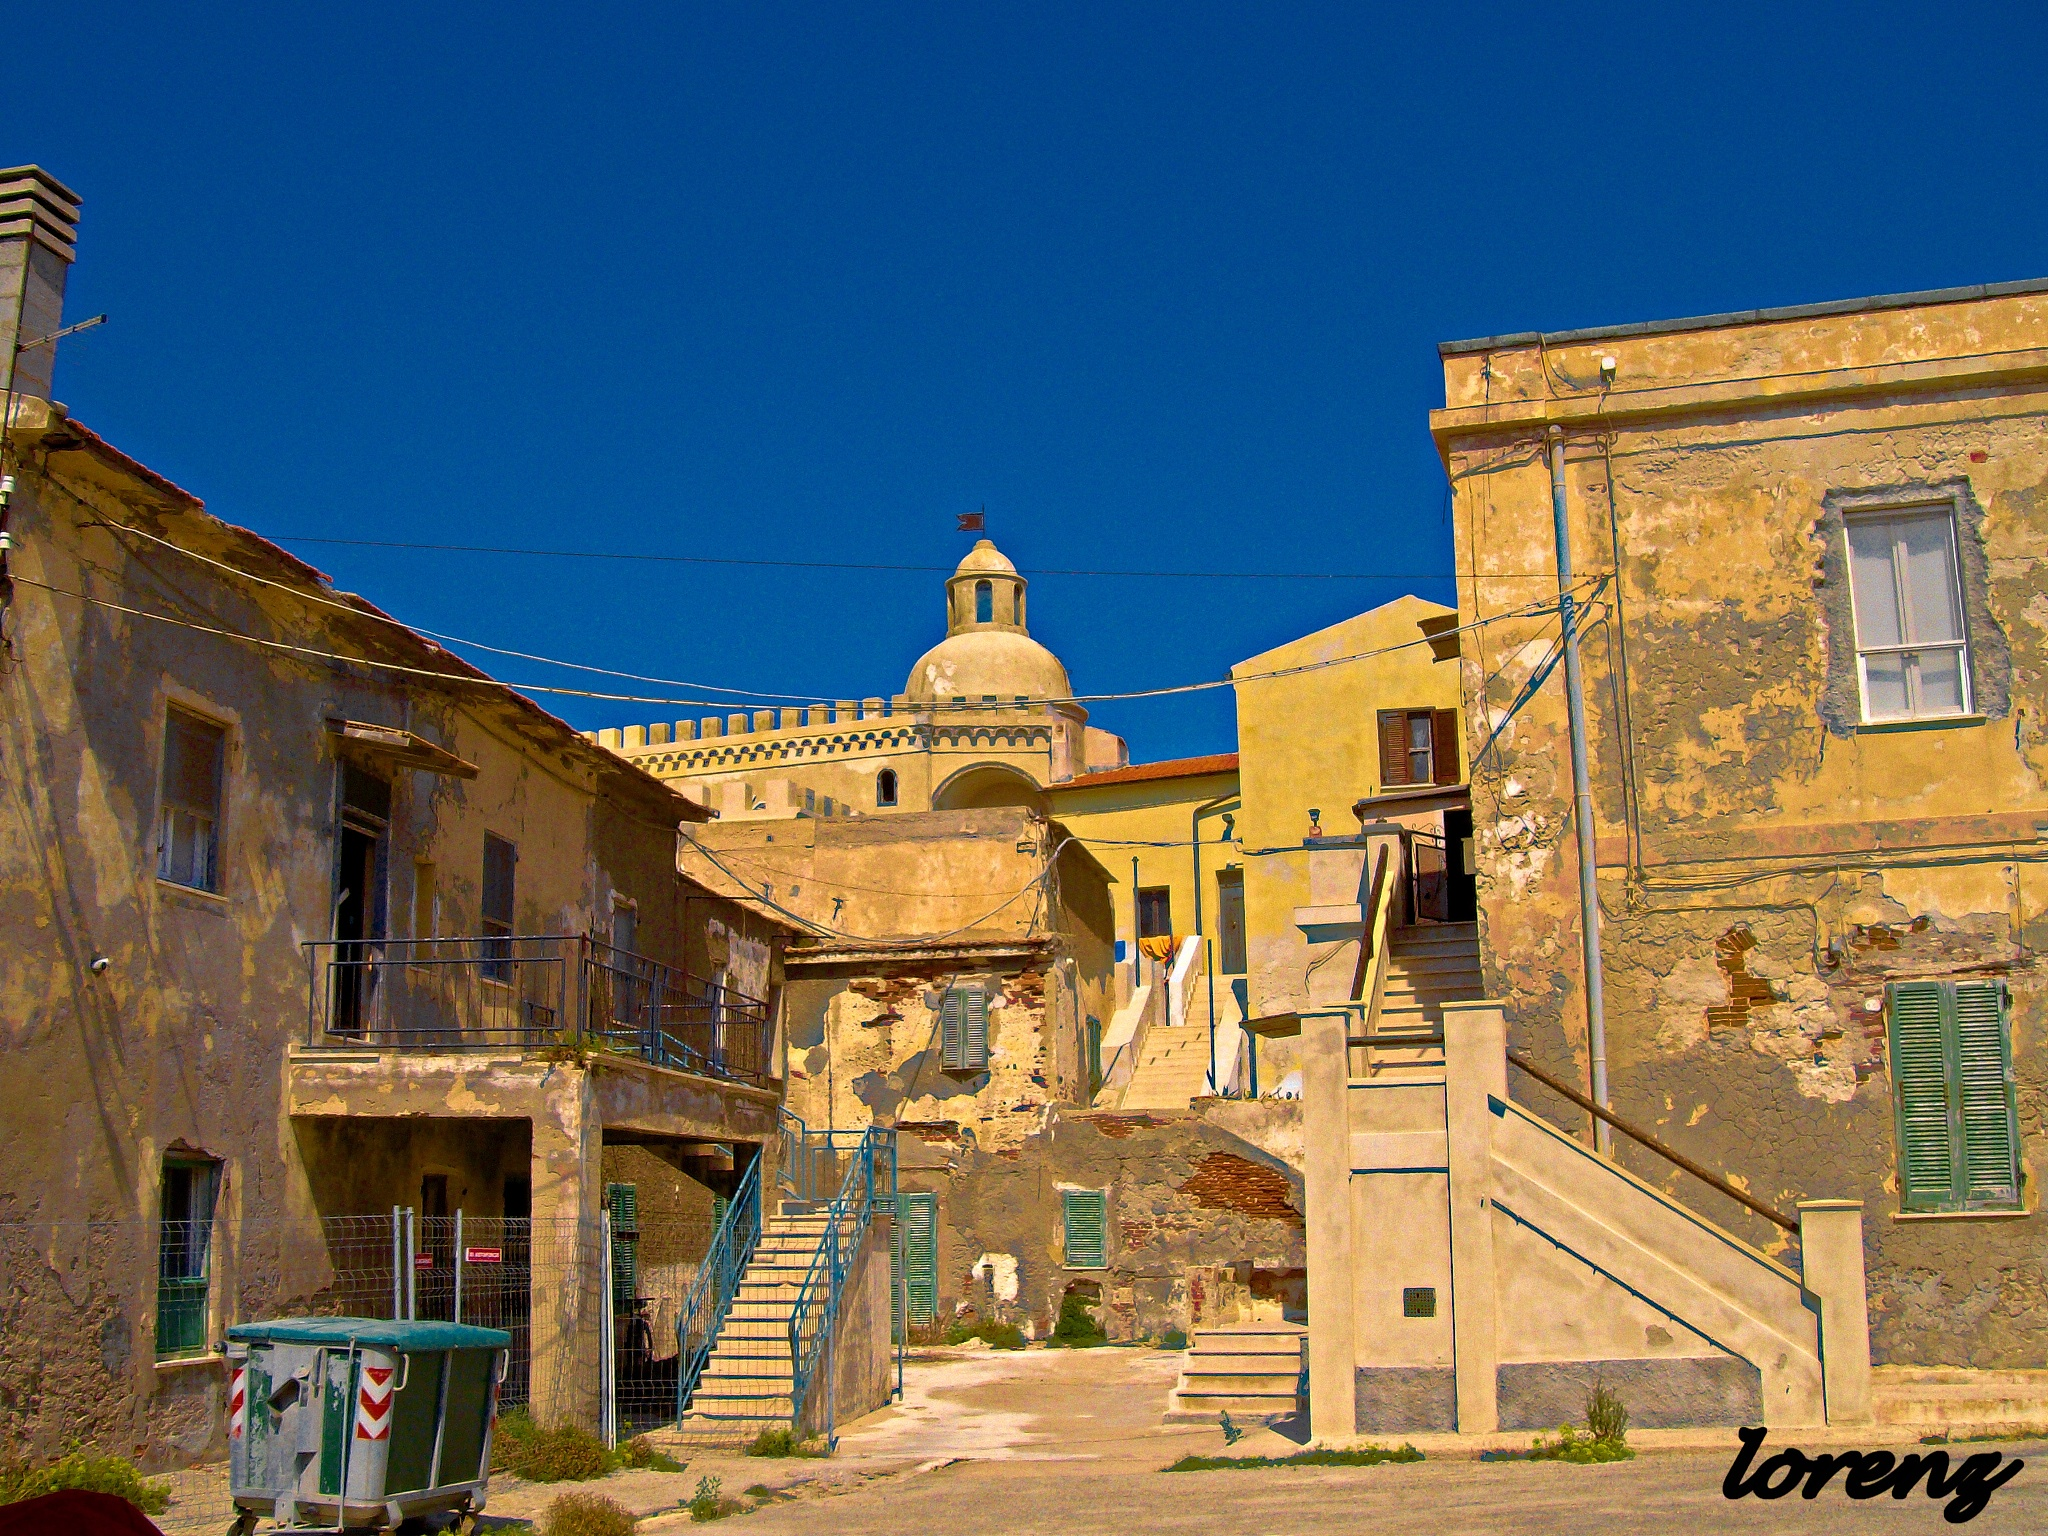 Pianosa Island Tuscany Italy by lorenz@69